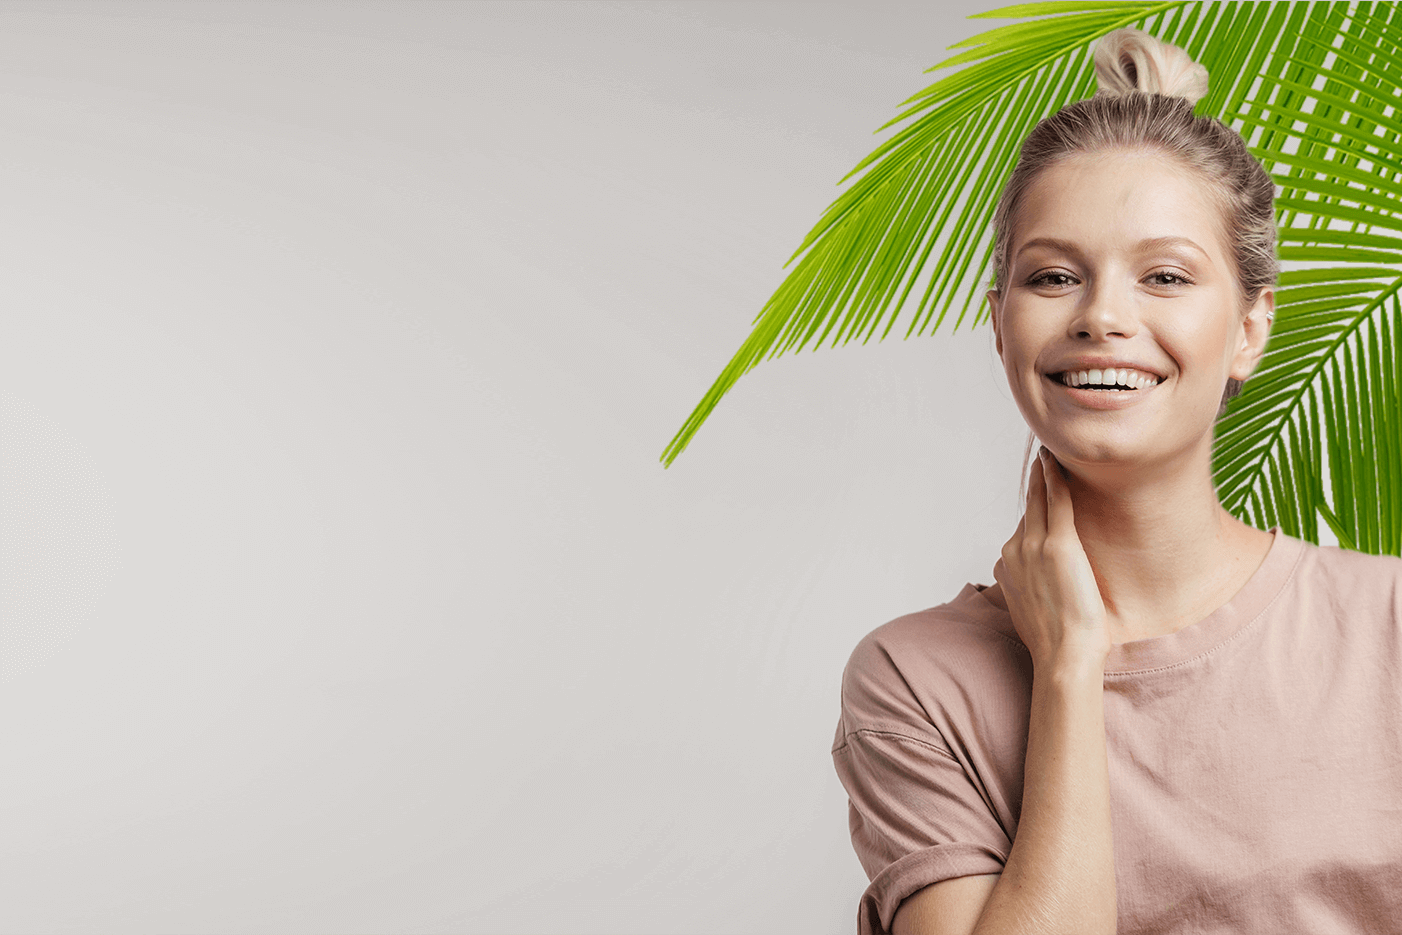 Coconut Black - prezzo - dove si compra - in farmacia - amazon